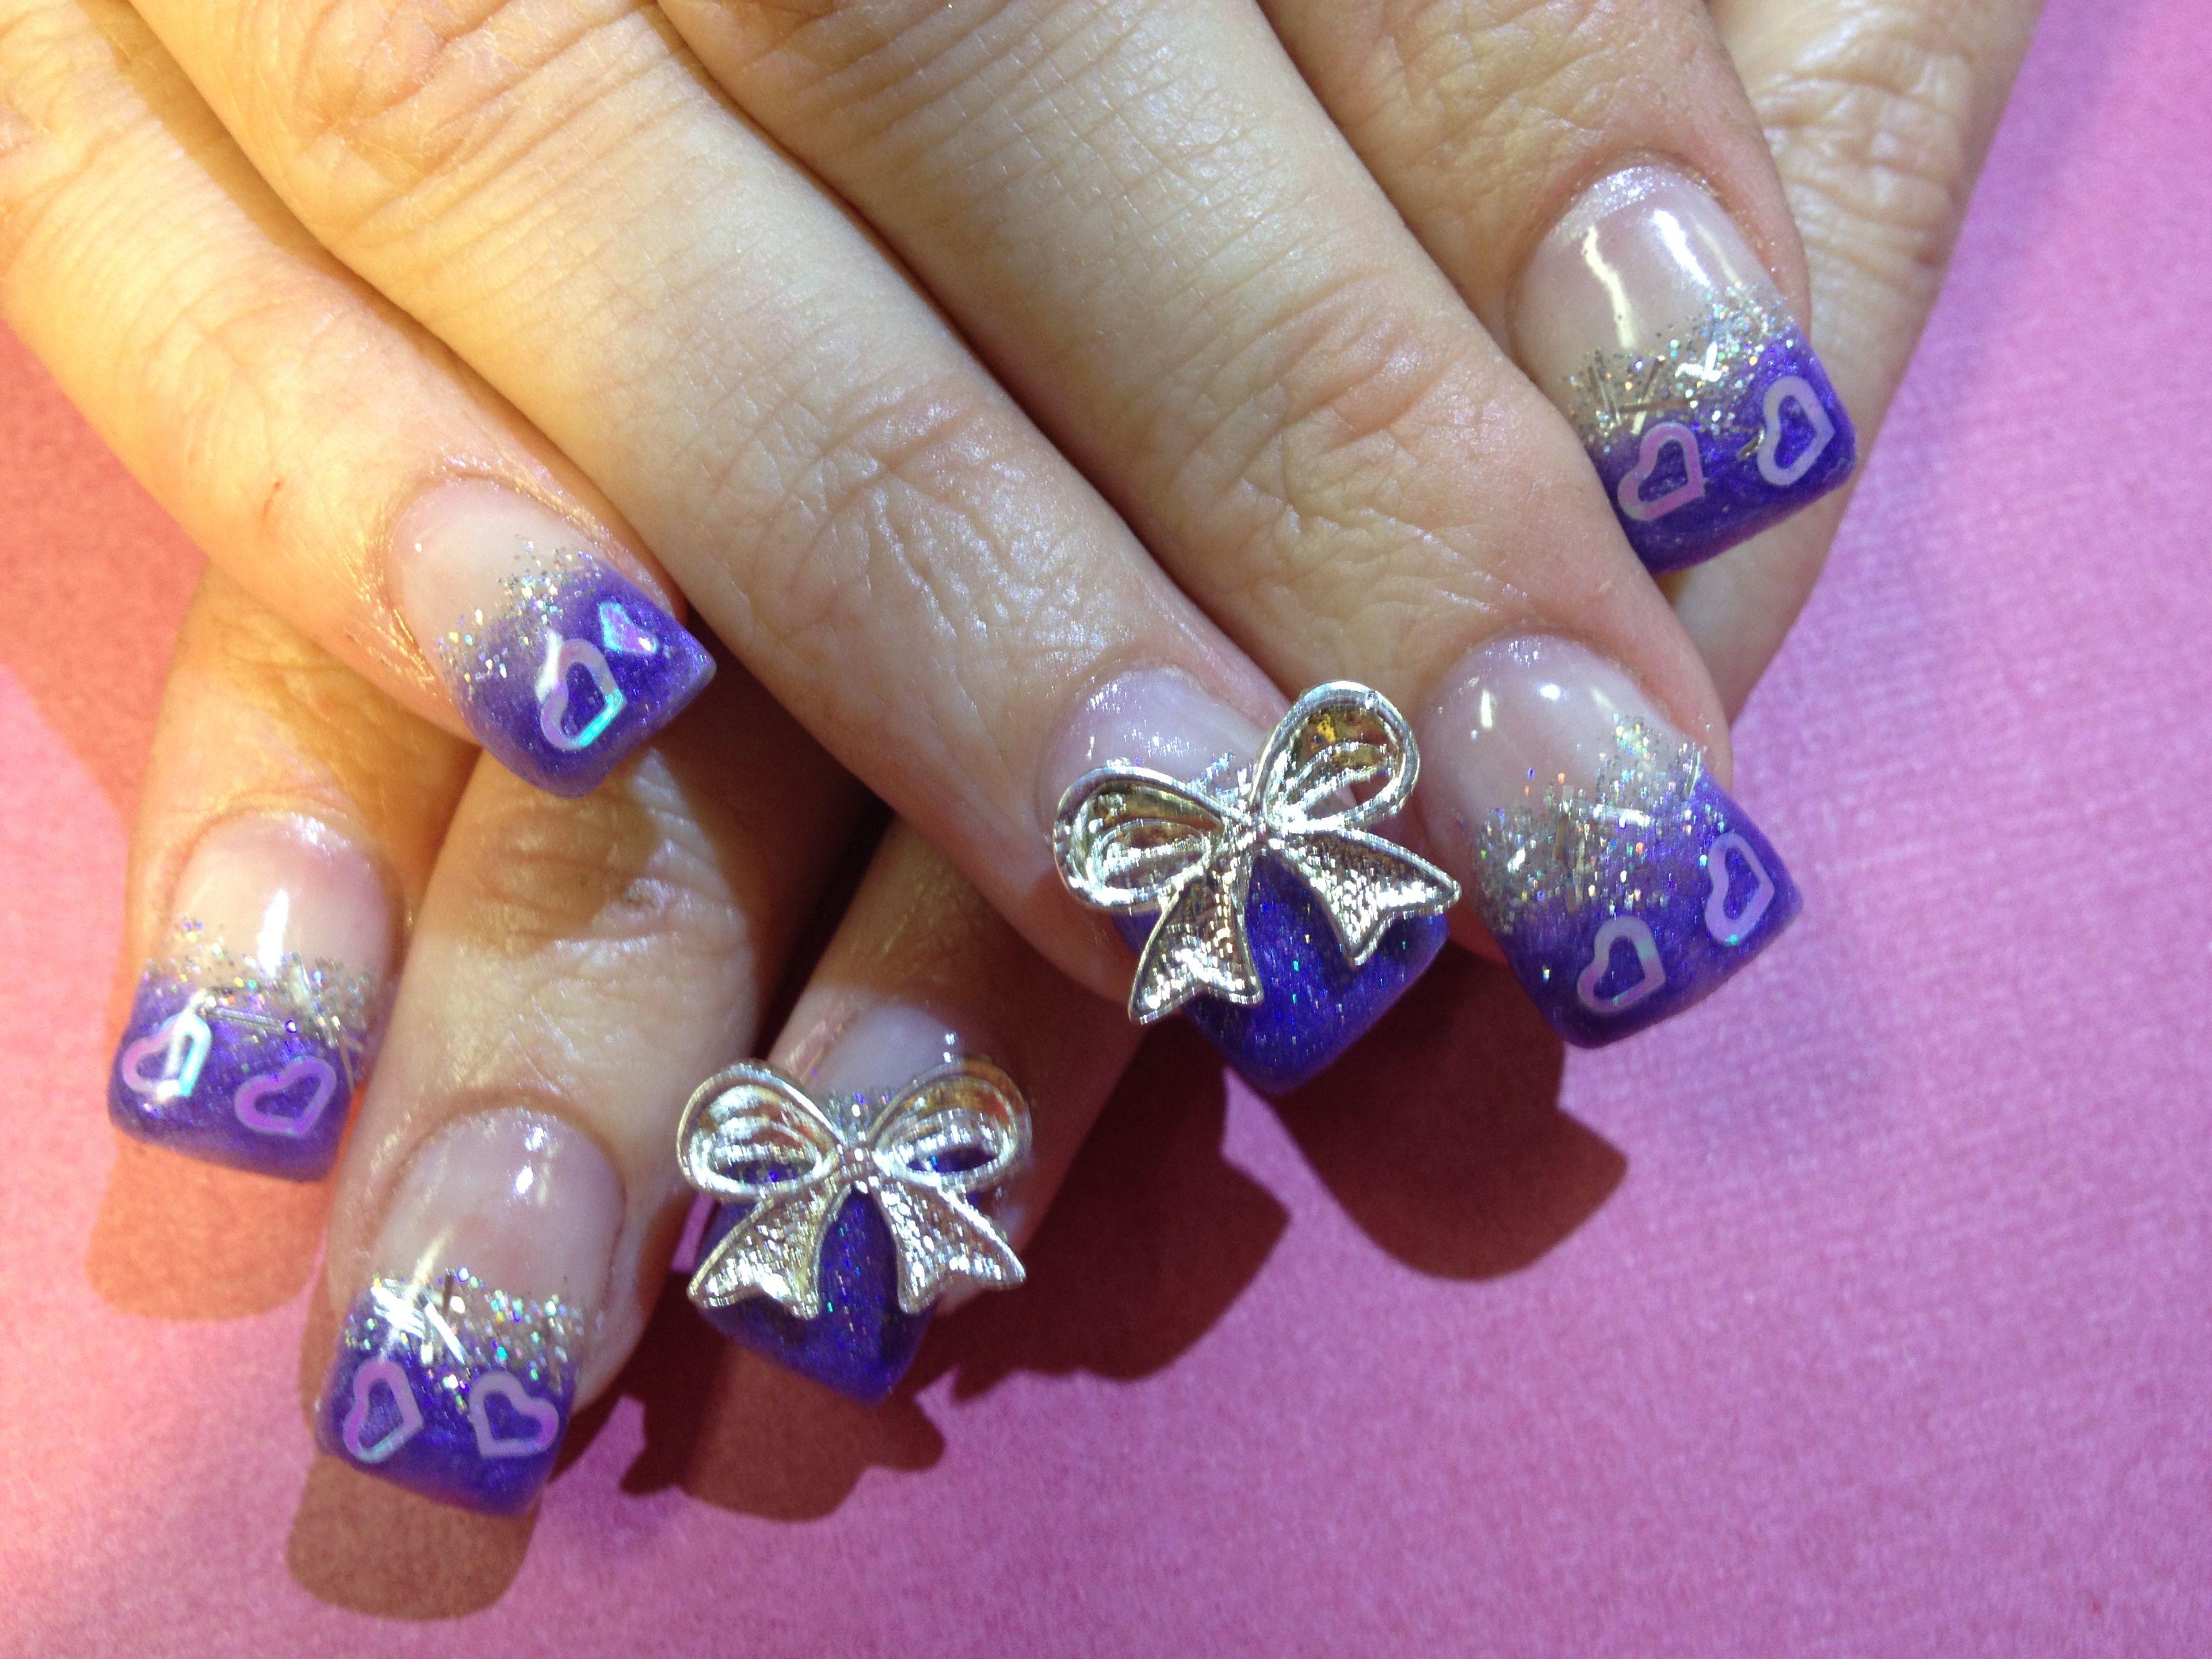 Bow nail designs pccala nail art nails designs in design style bow nail designs pccala nail art nails designs in design style prinsesfo Choice Image